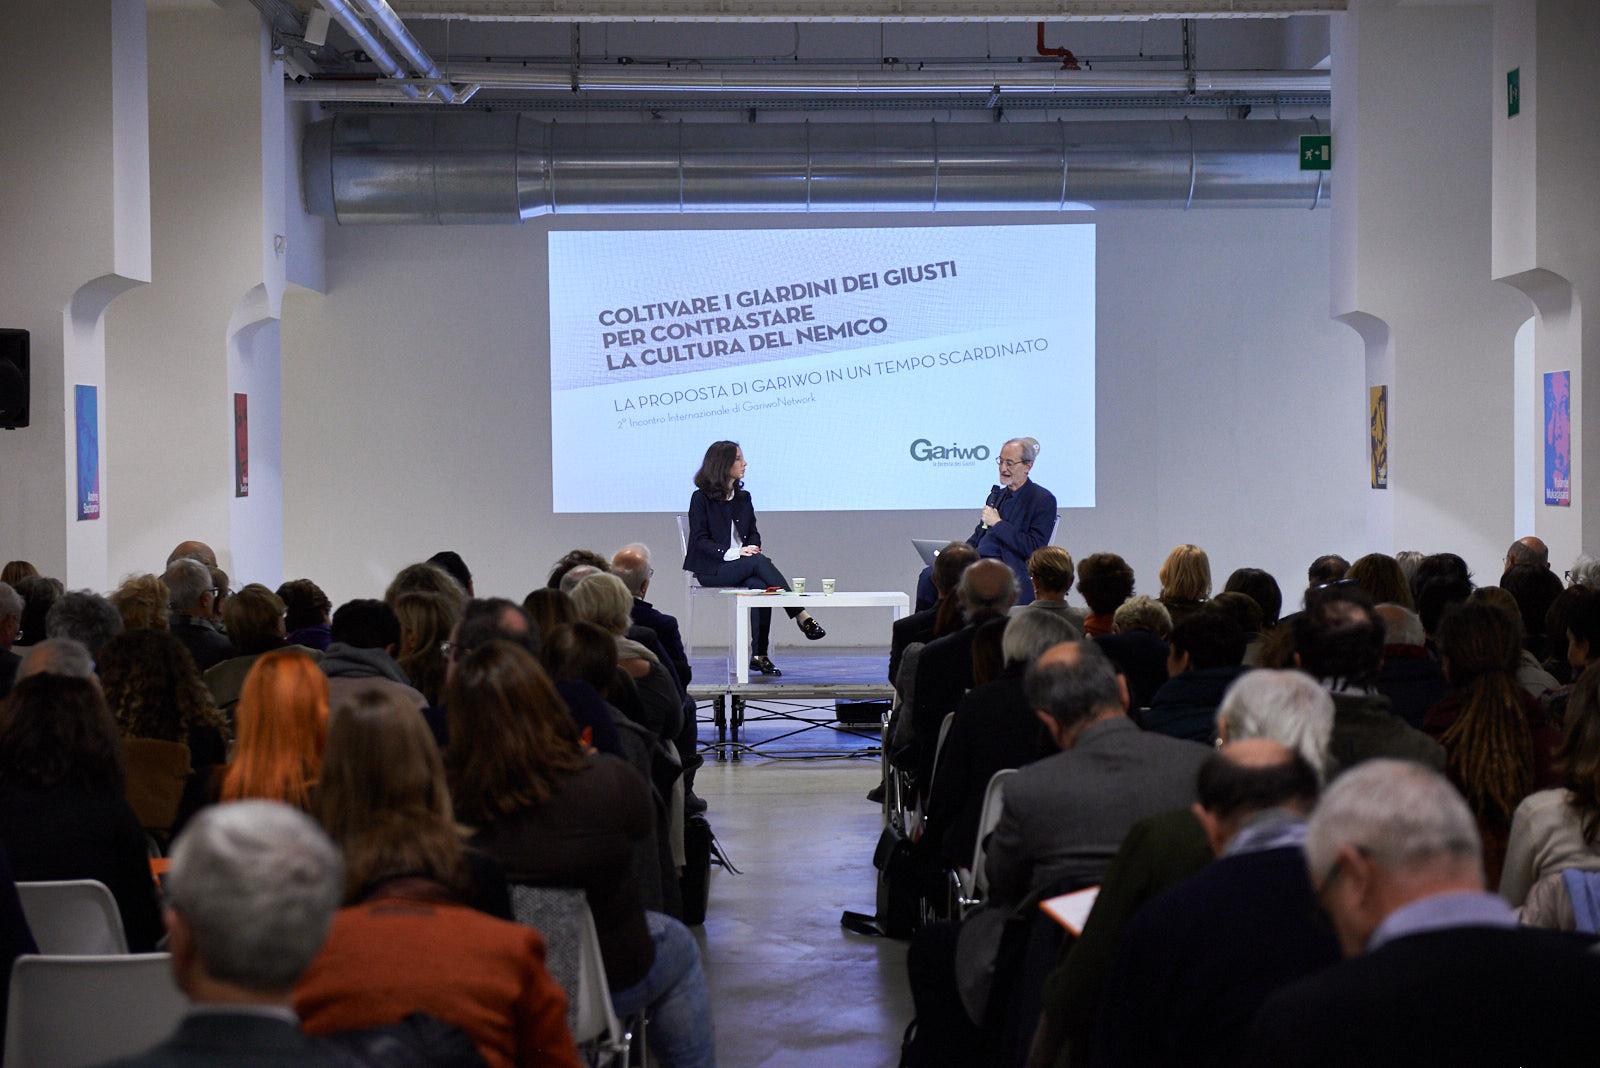 l'intervento di Pietro Barbetta, direttore del Centro Milanese di Terapia della Famiglia